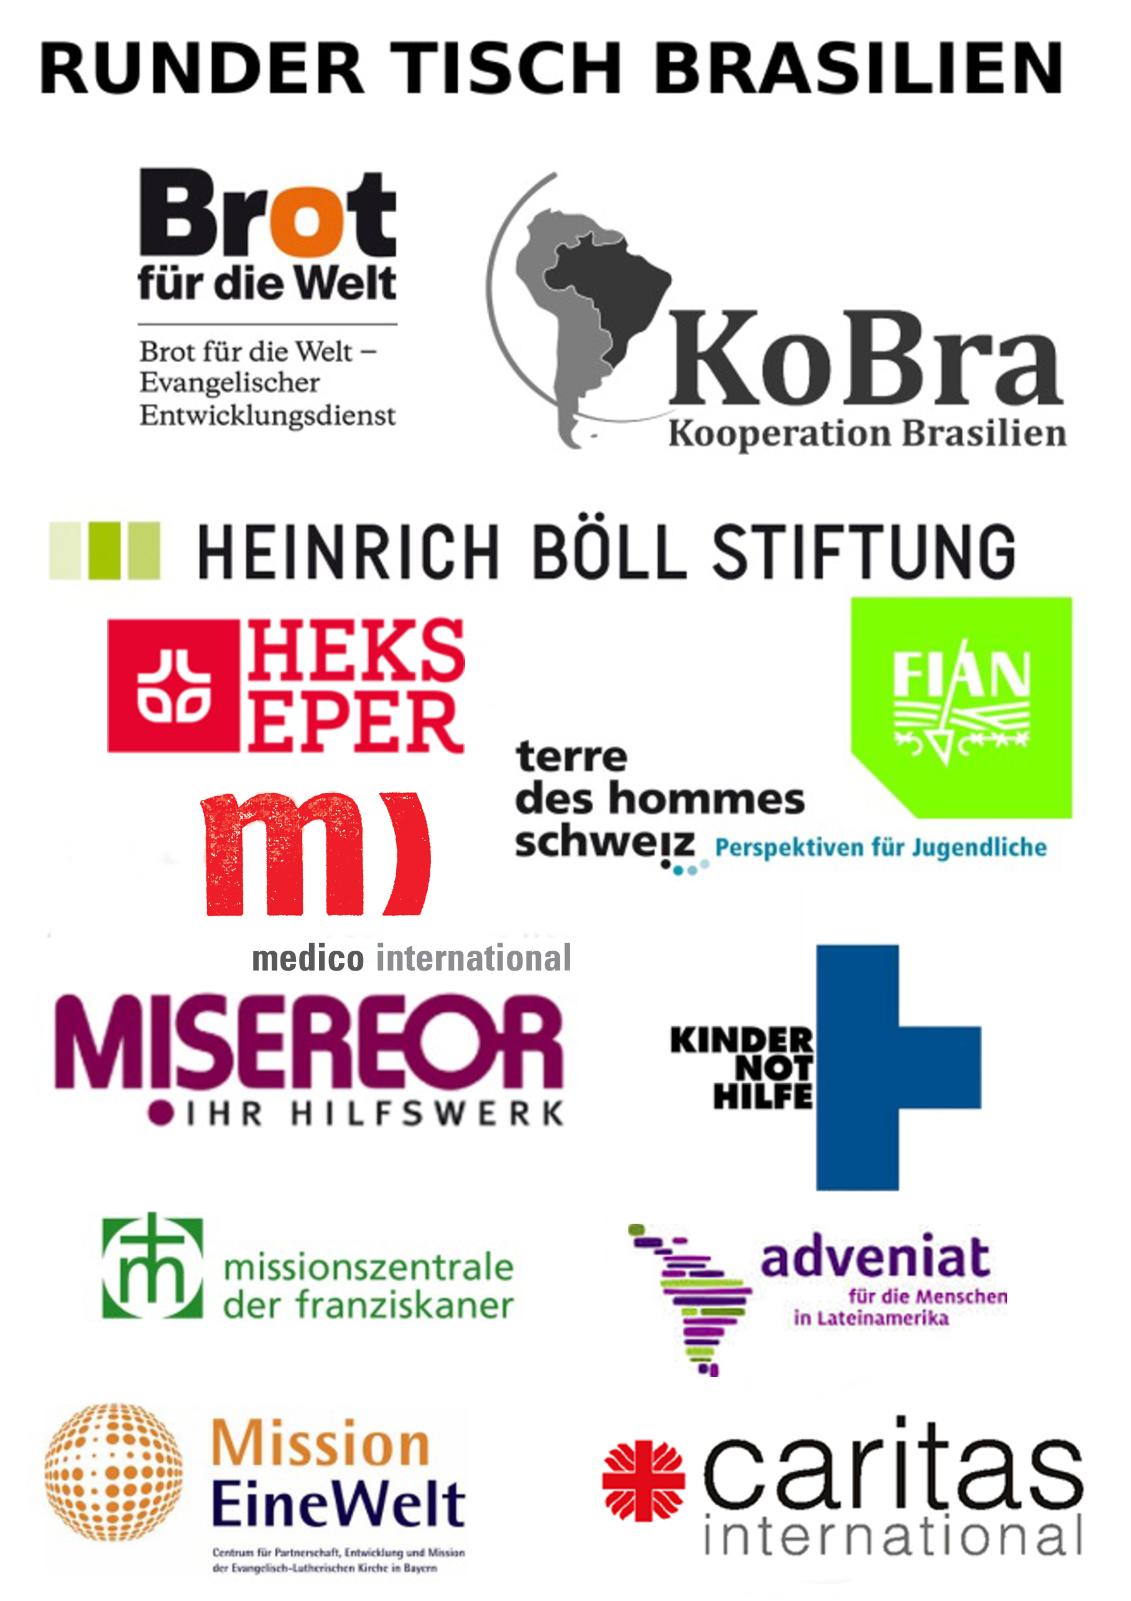 logos_rtb_organ_kleiner.png